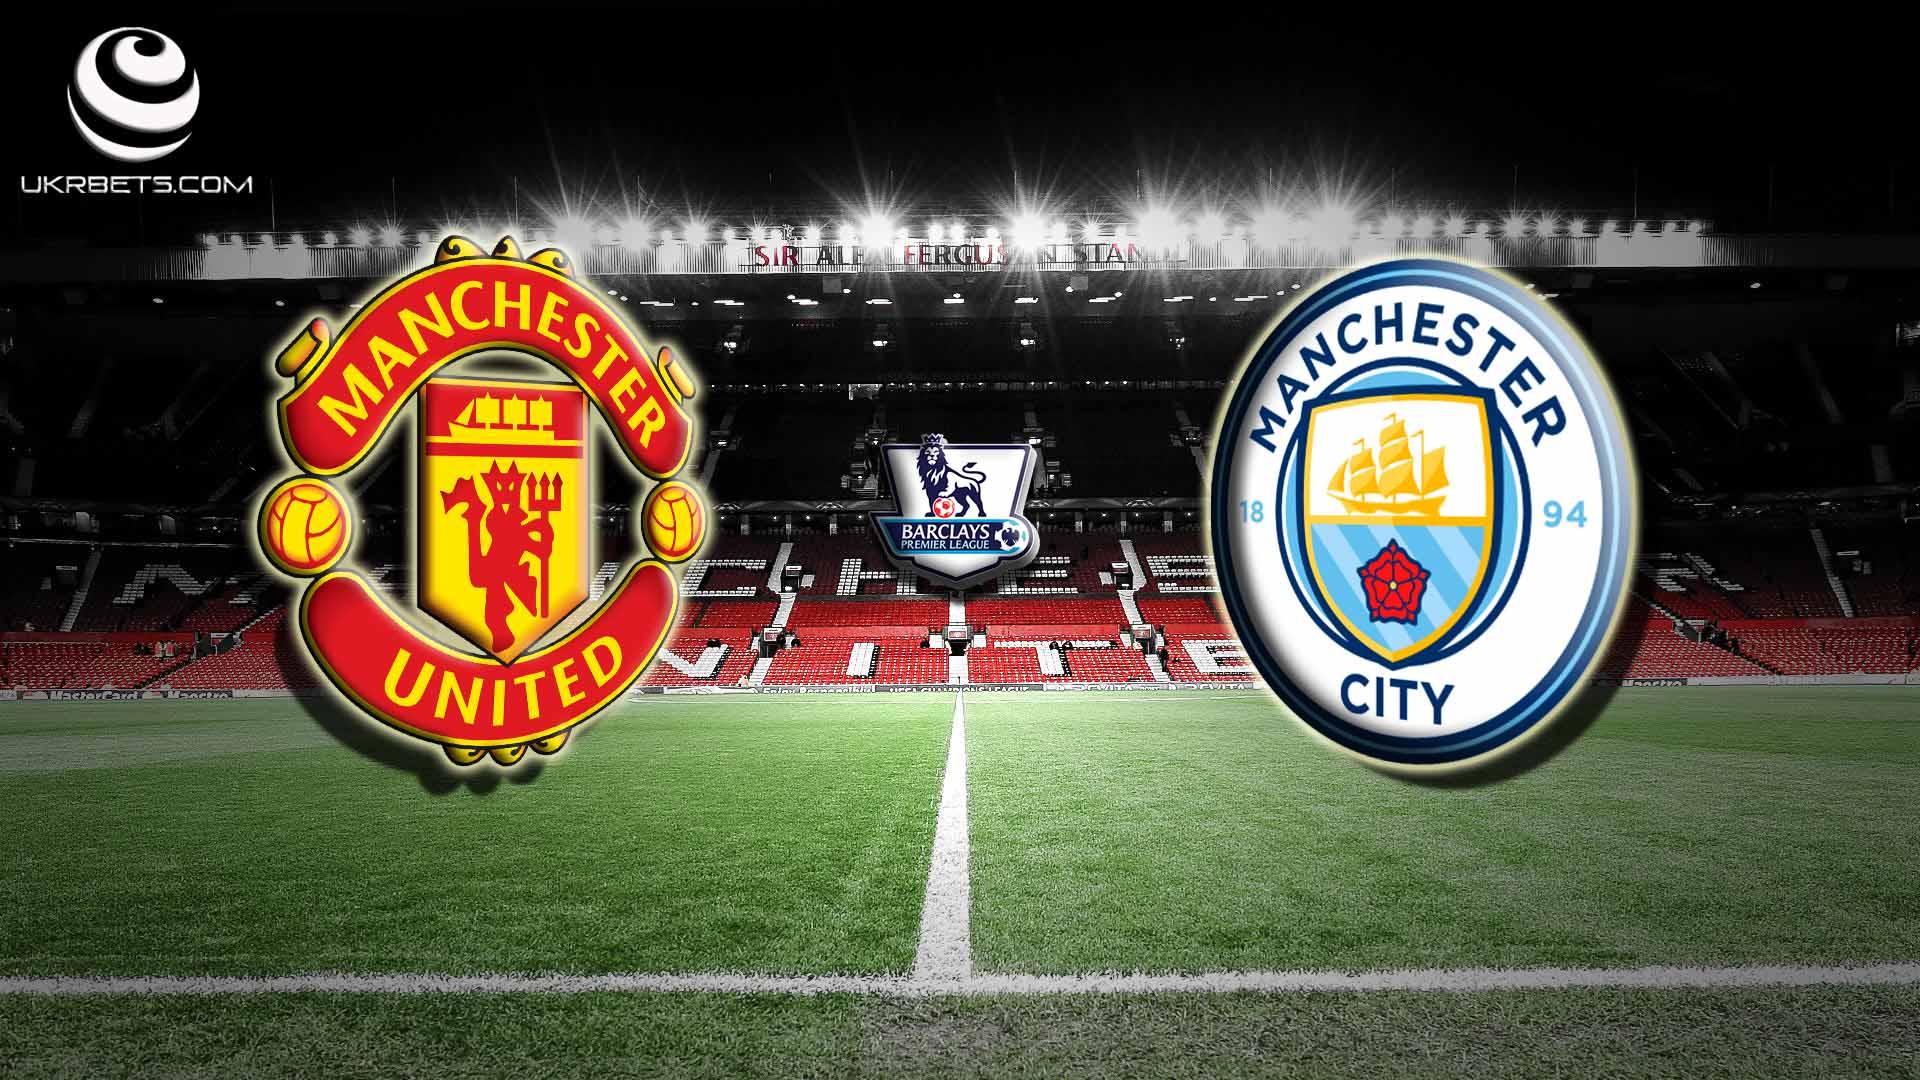 Прогноз на матч Манчестер Юнайтед - Манчестер Сити 10 сентября 2016